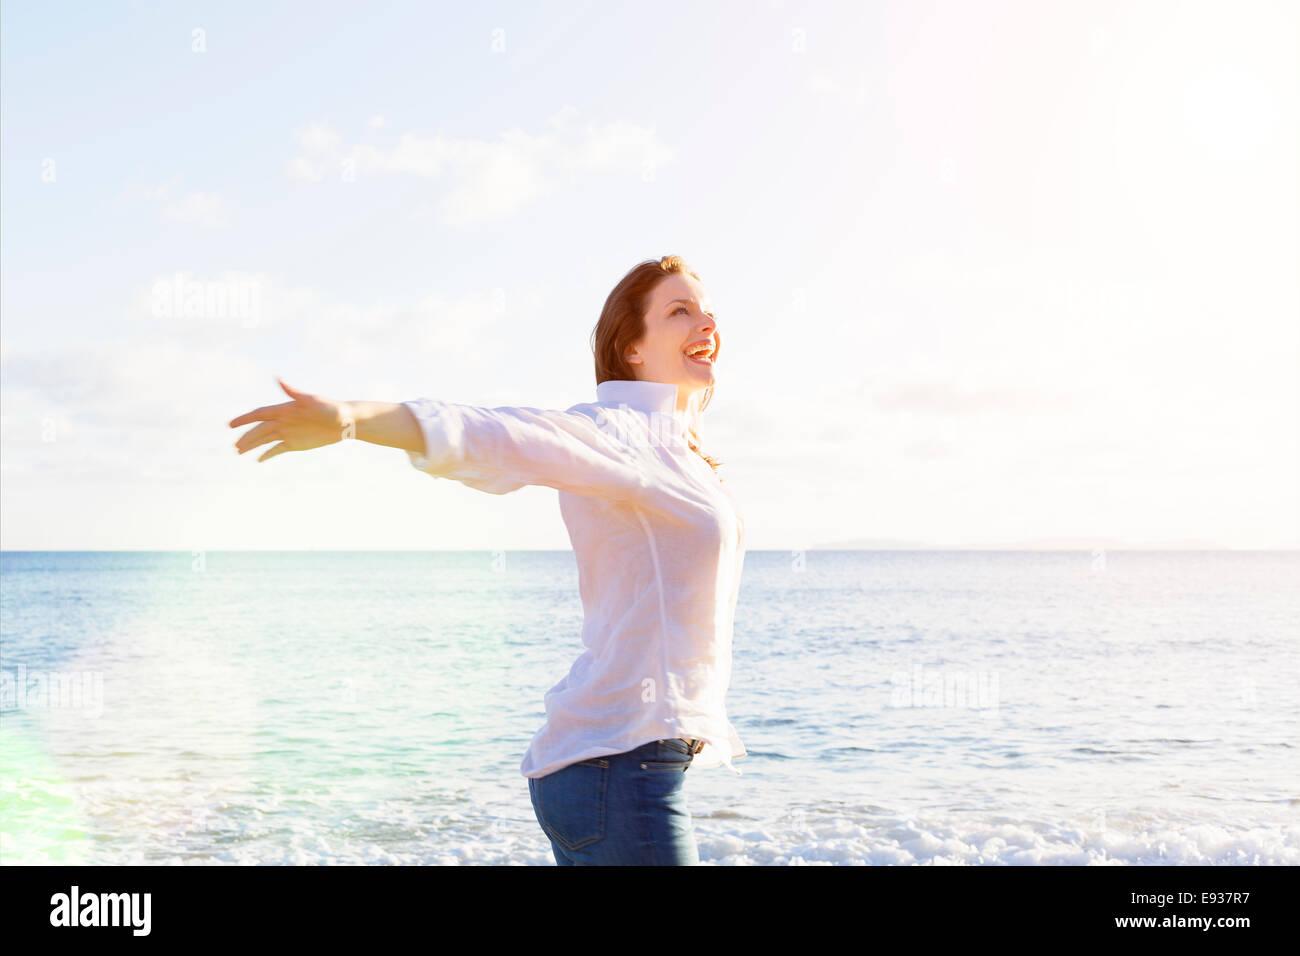 Ritratto di donna sulla spiaggia Immagini Stock